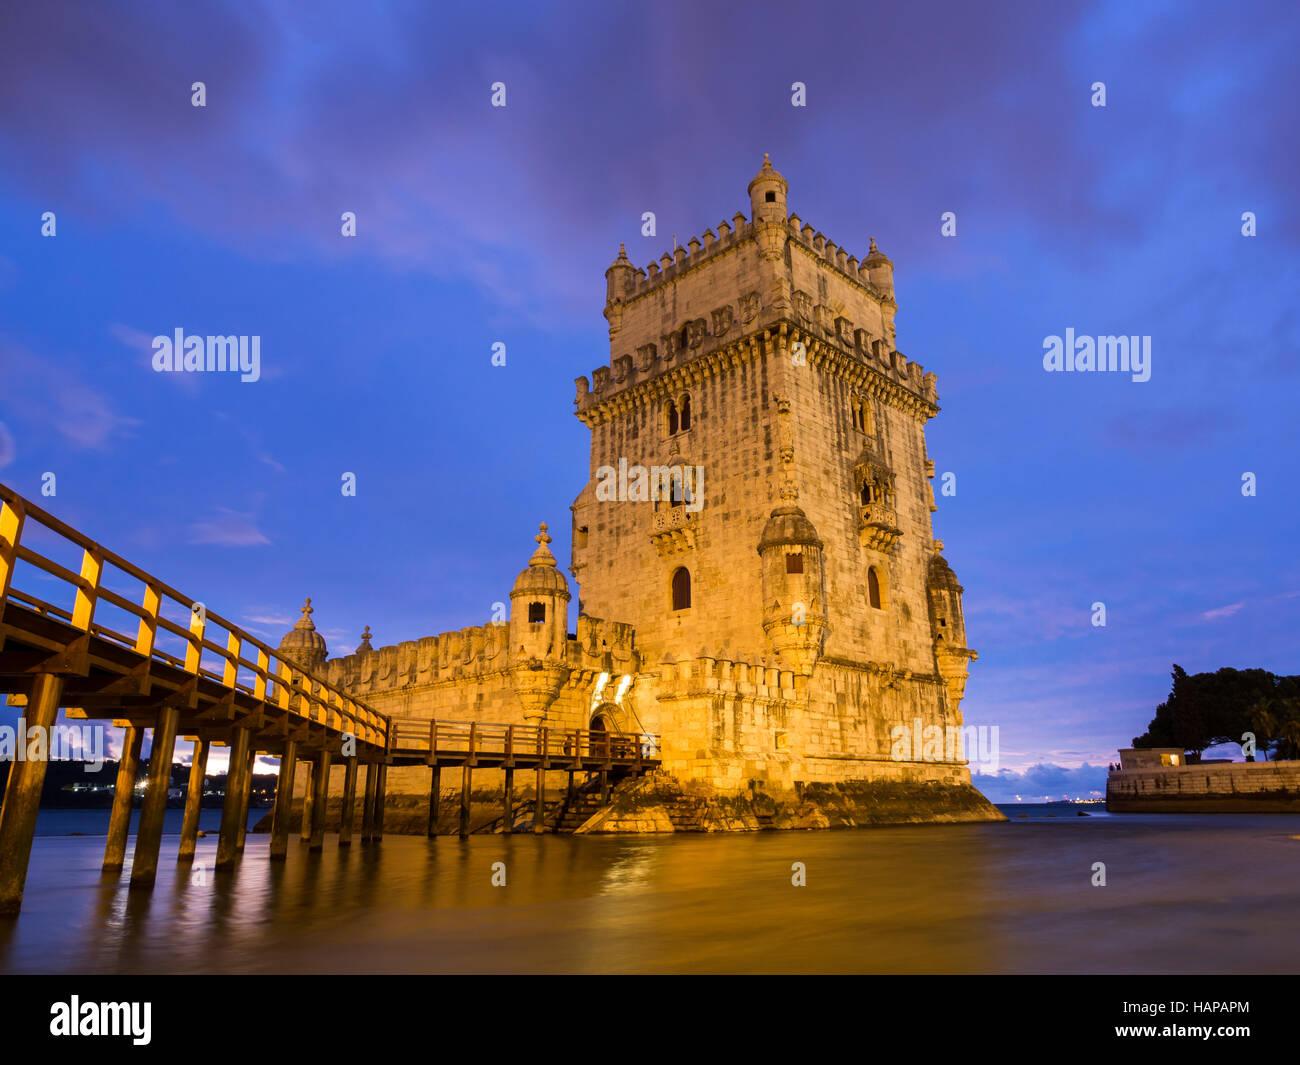 Torre de Belem sur la banque du fleuve Tage à Lisbonne au Portugal, dans la nuit. Photo Stock